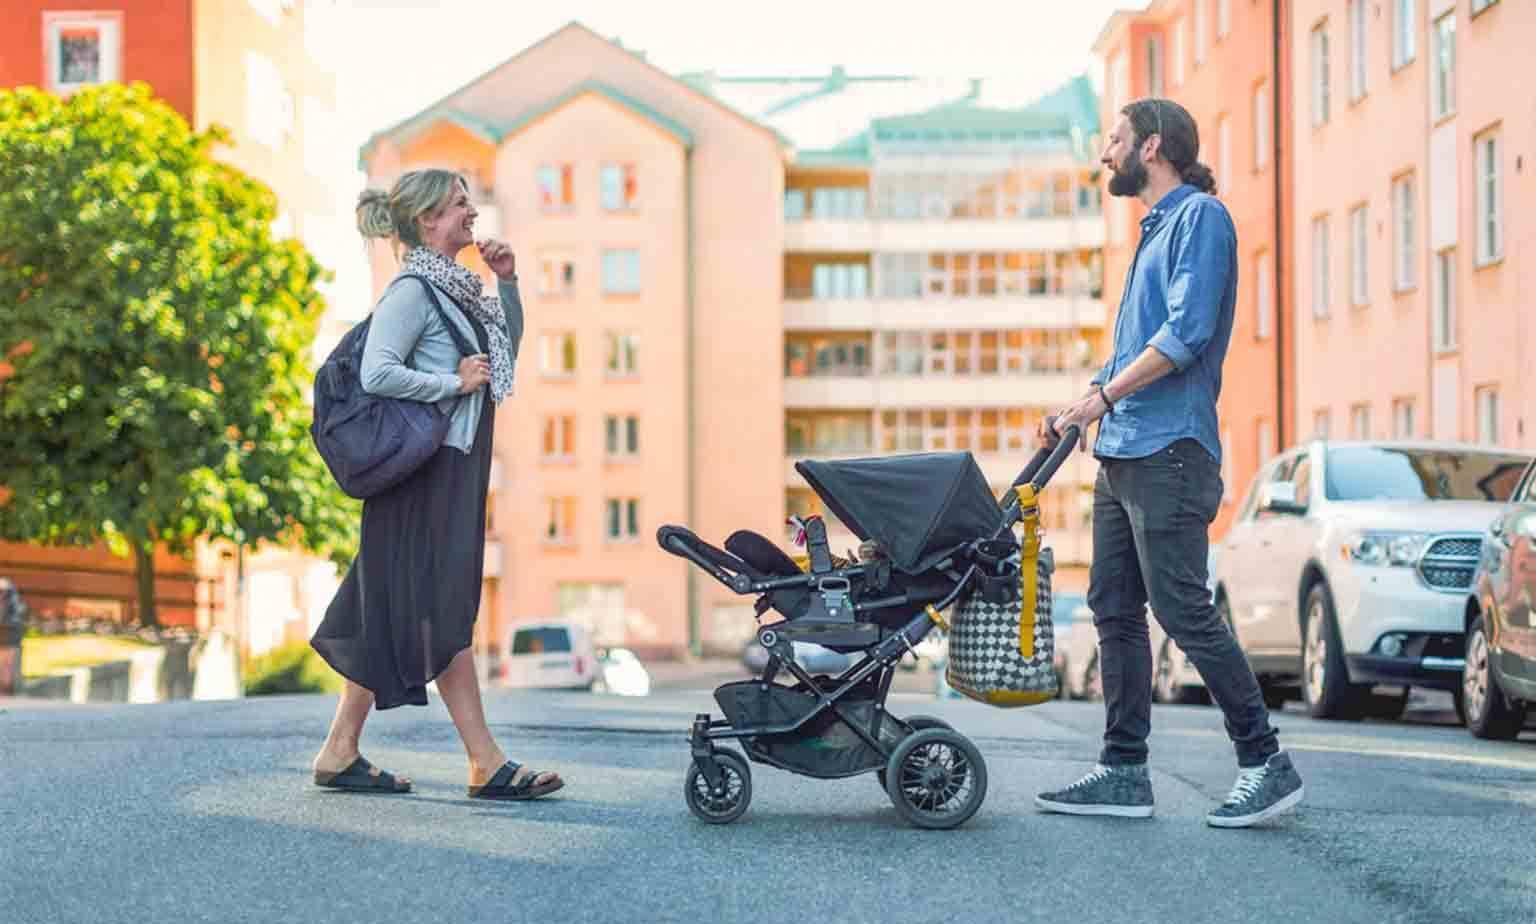 san francisco 02c40 43c60 Gebrauchte Babyangebote jetzt auswählen | eBay